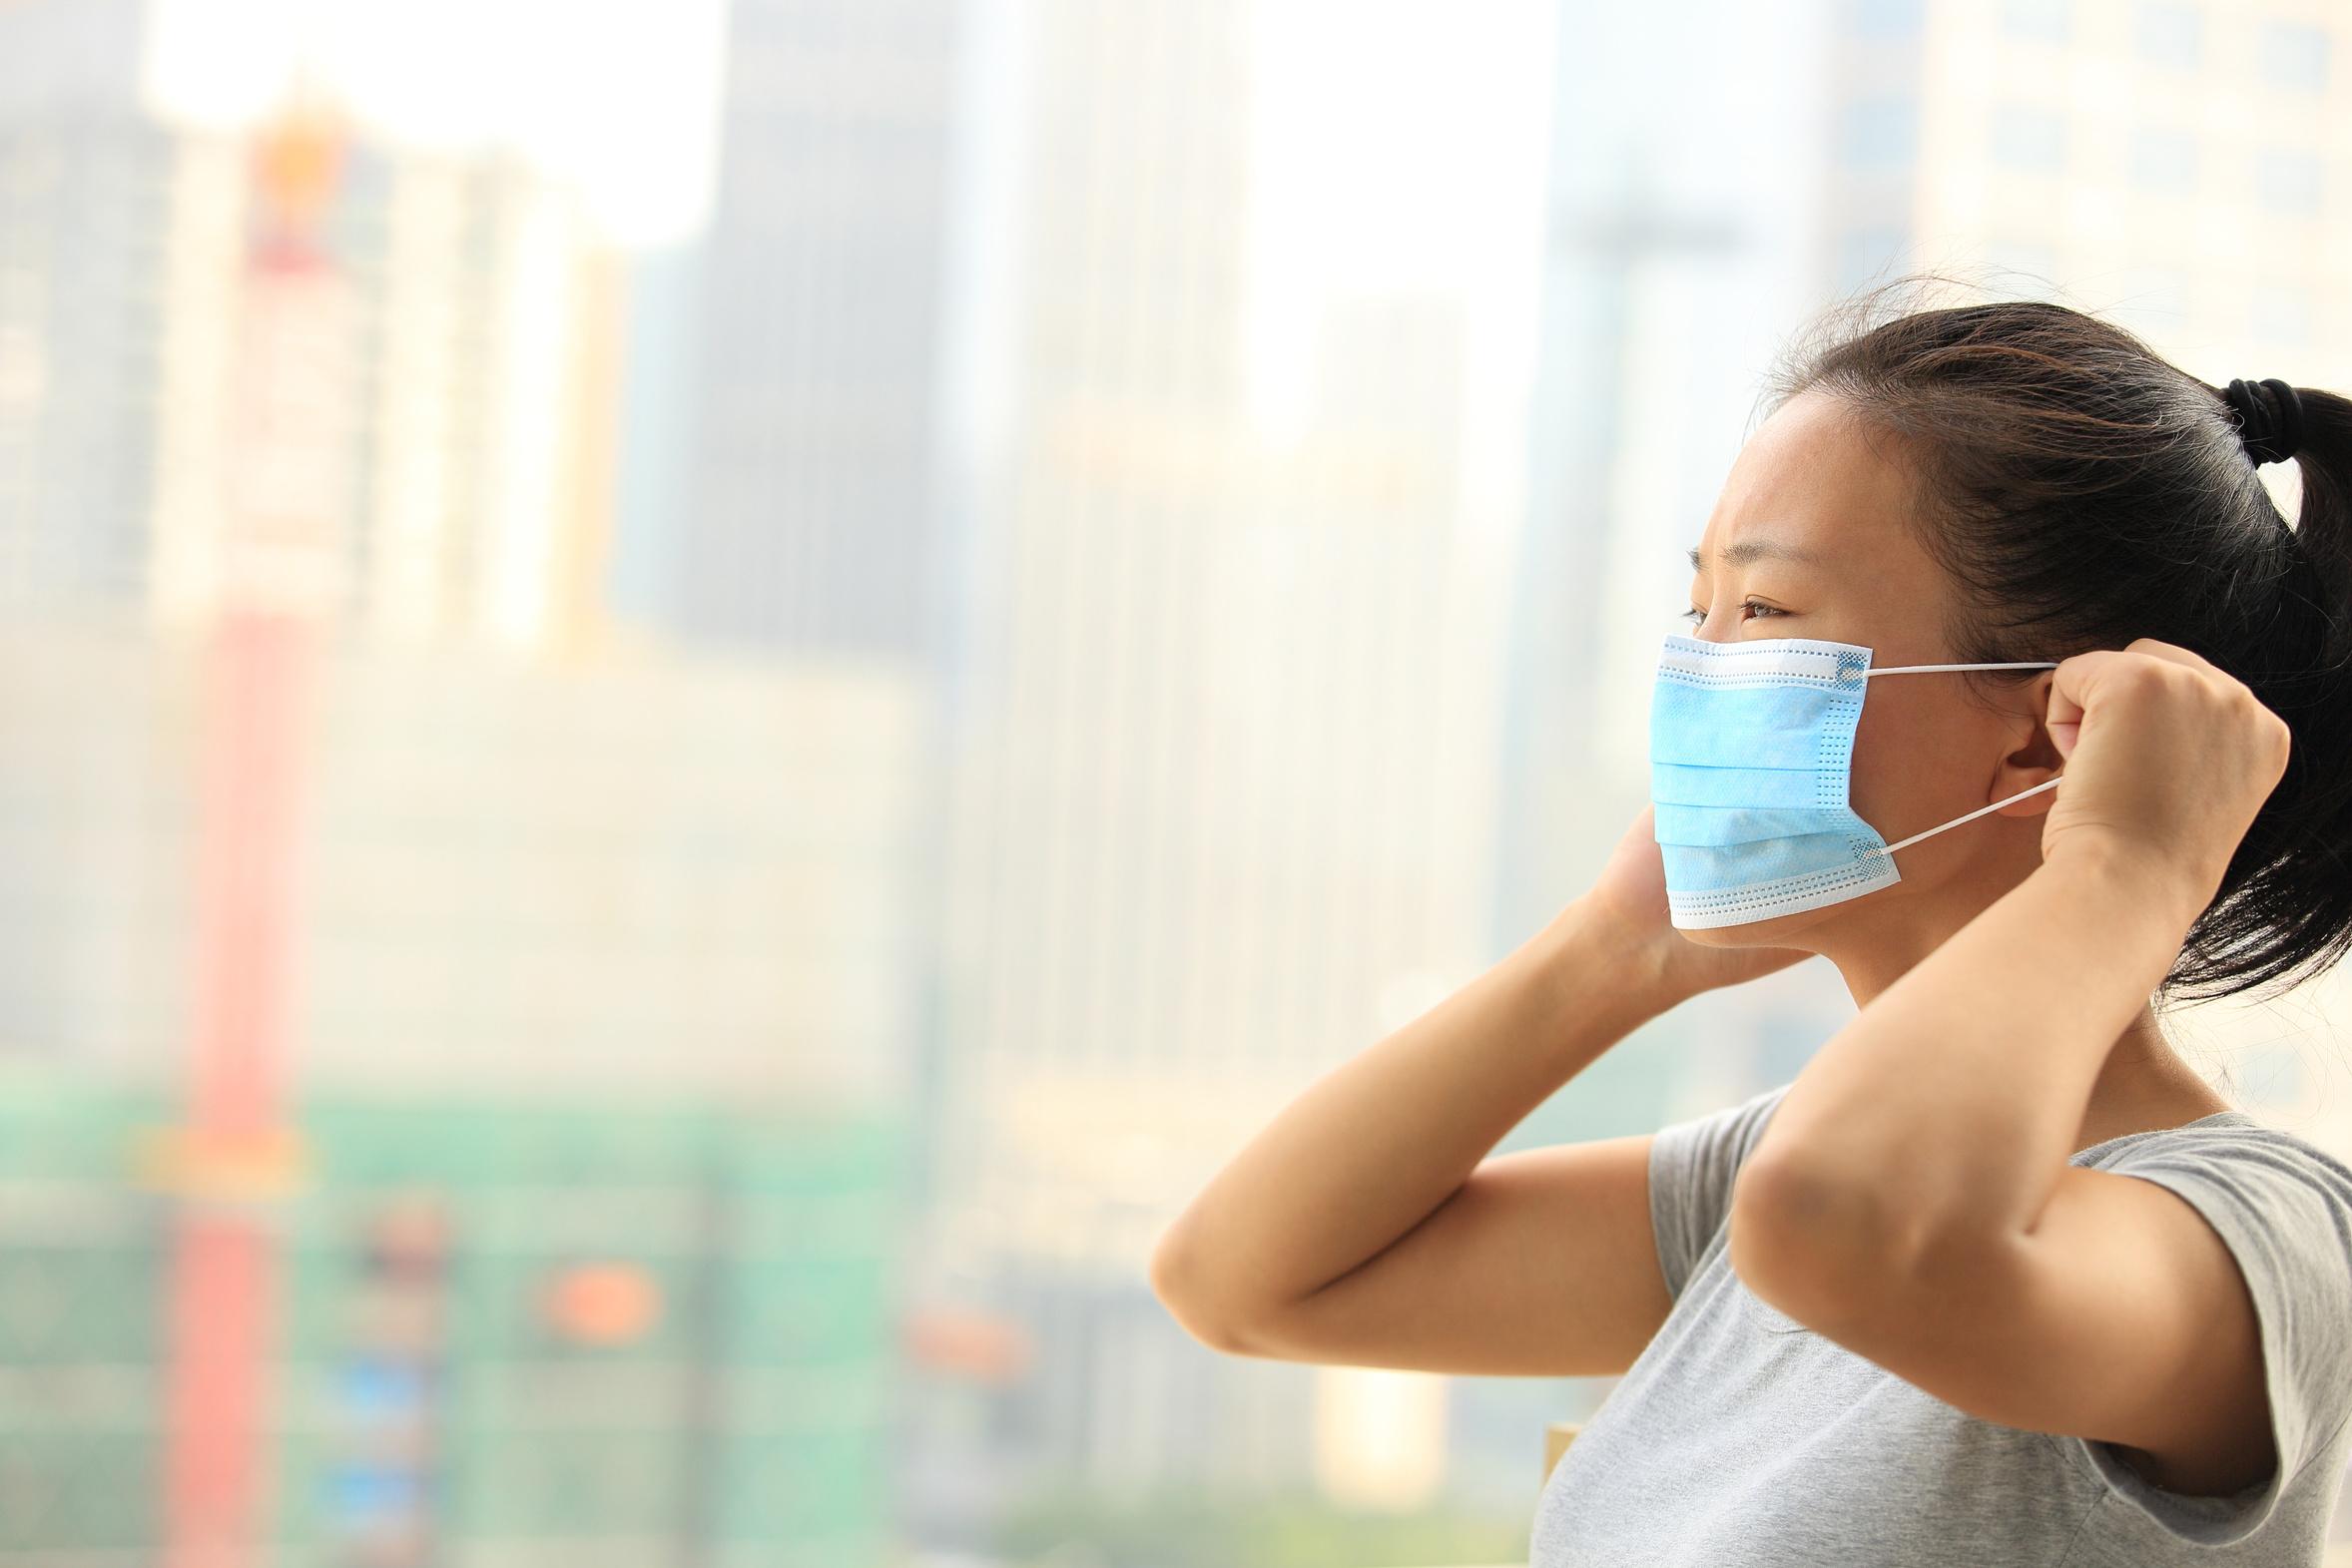 澳洲查劣質口罩 許多中國公司聞風而撤